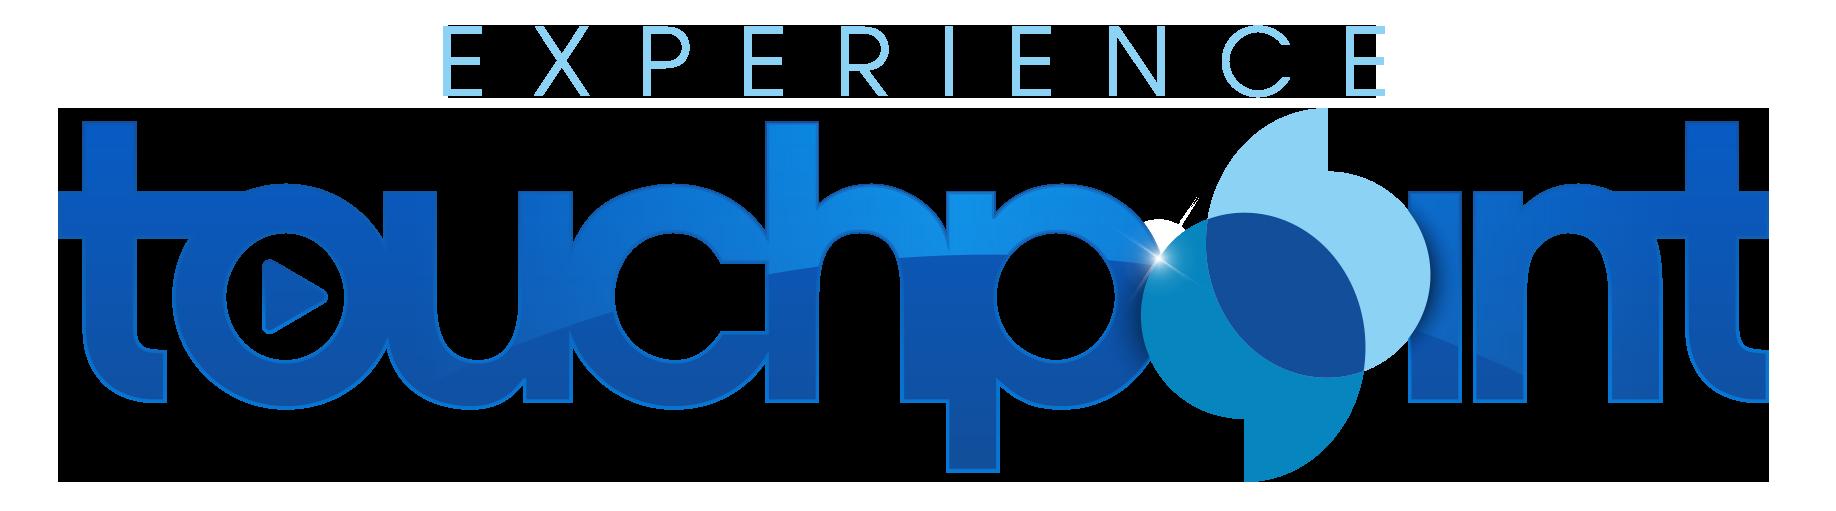 TP_logo_1.png